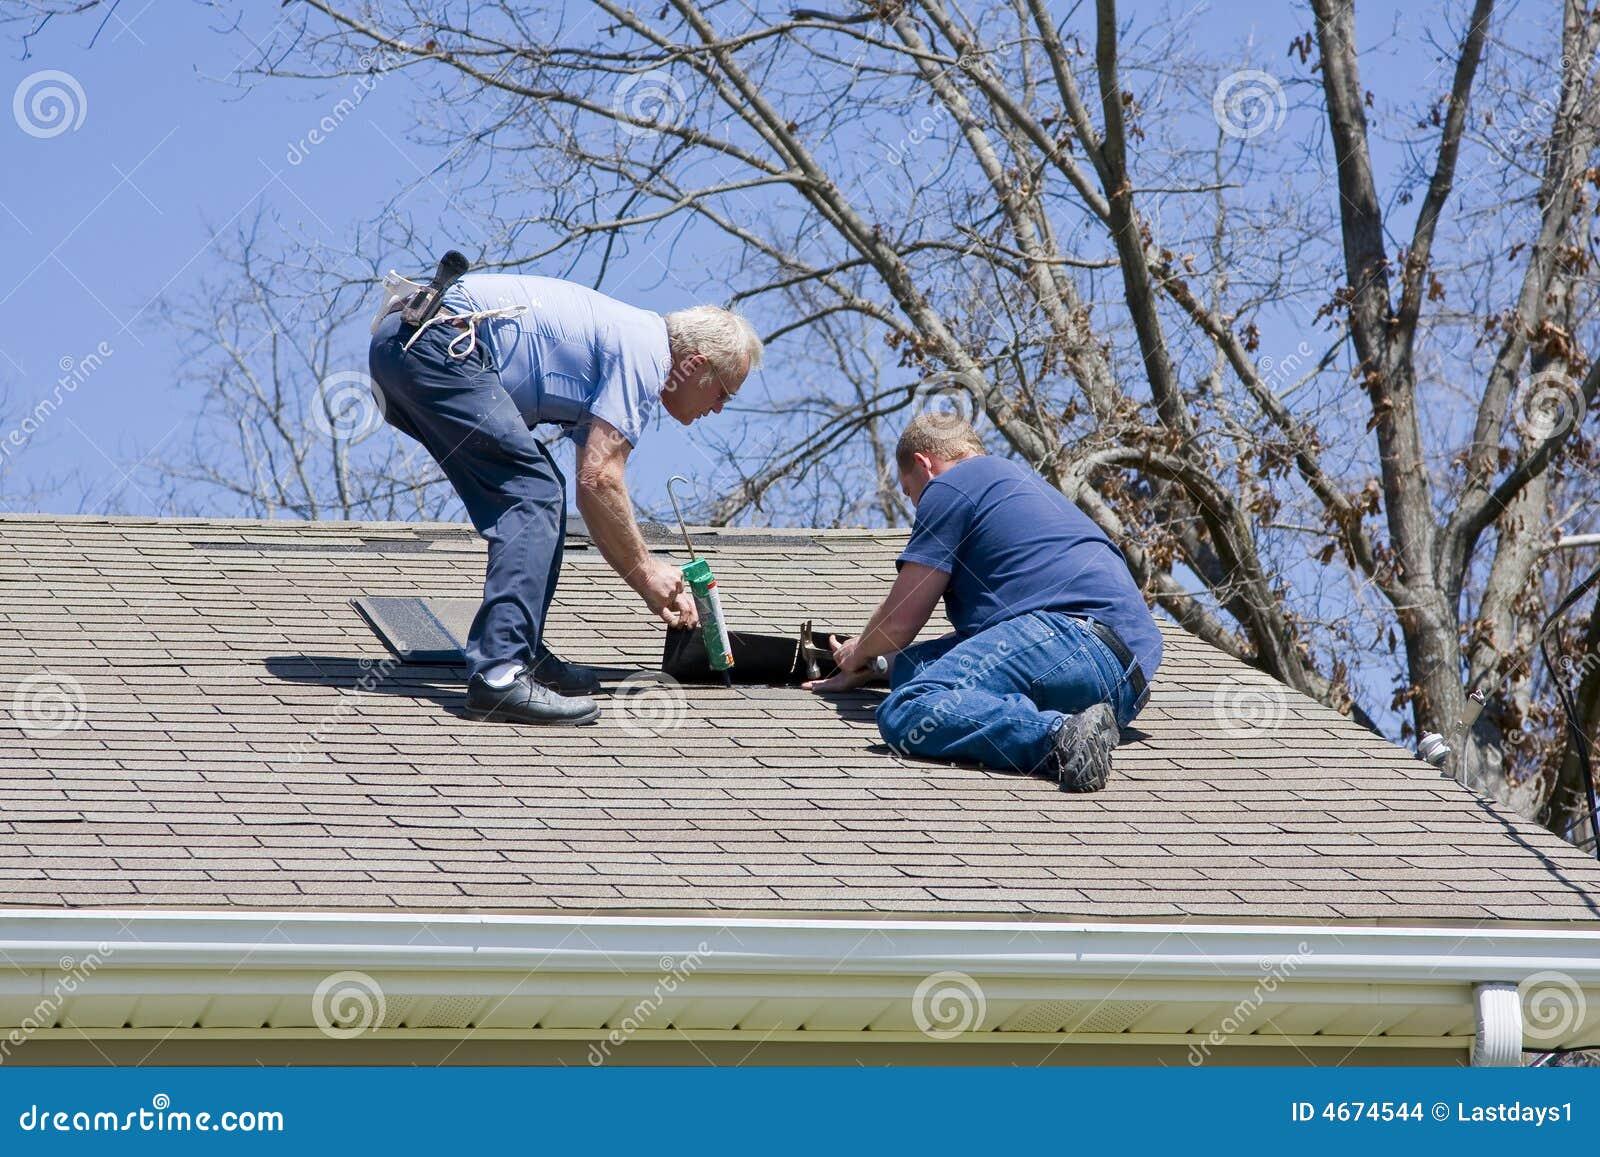 Roof Contractors